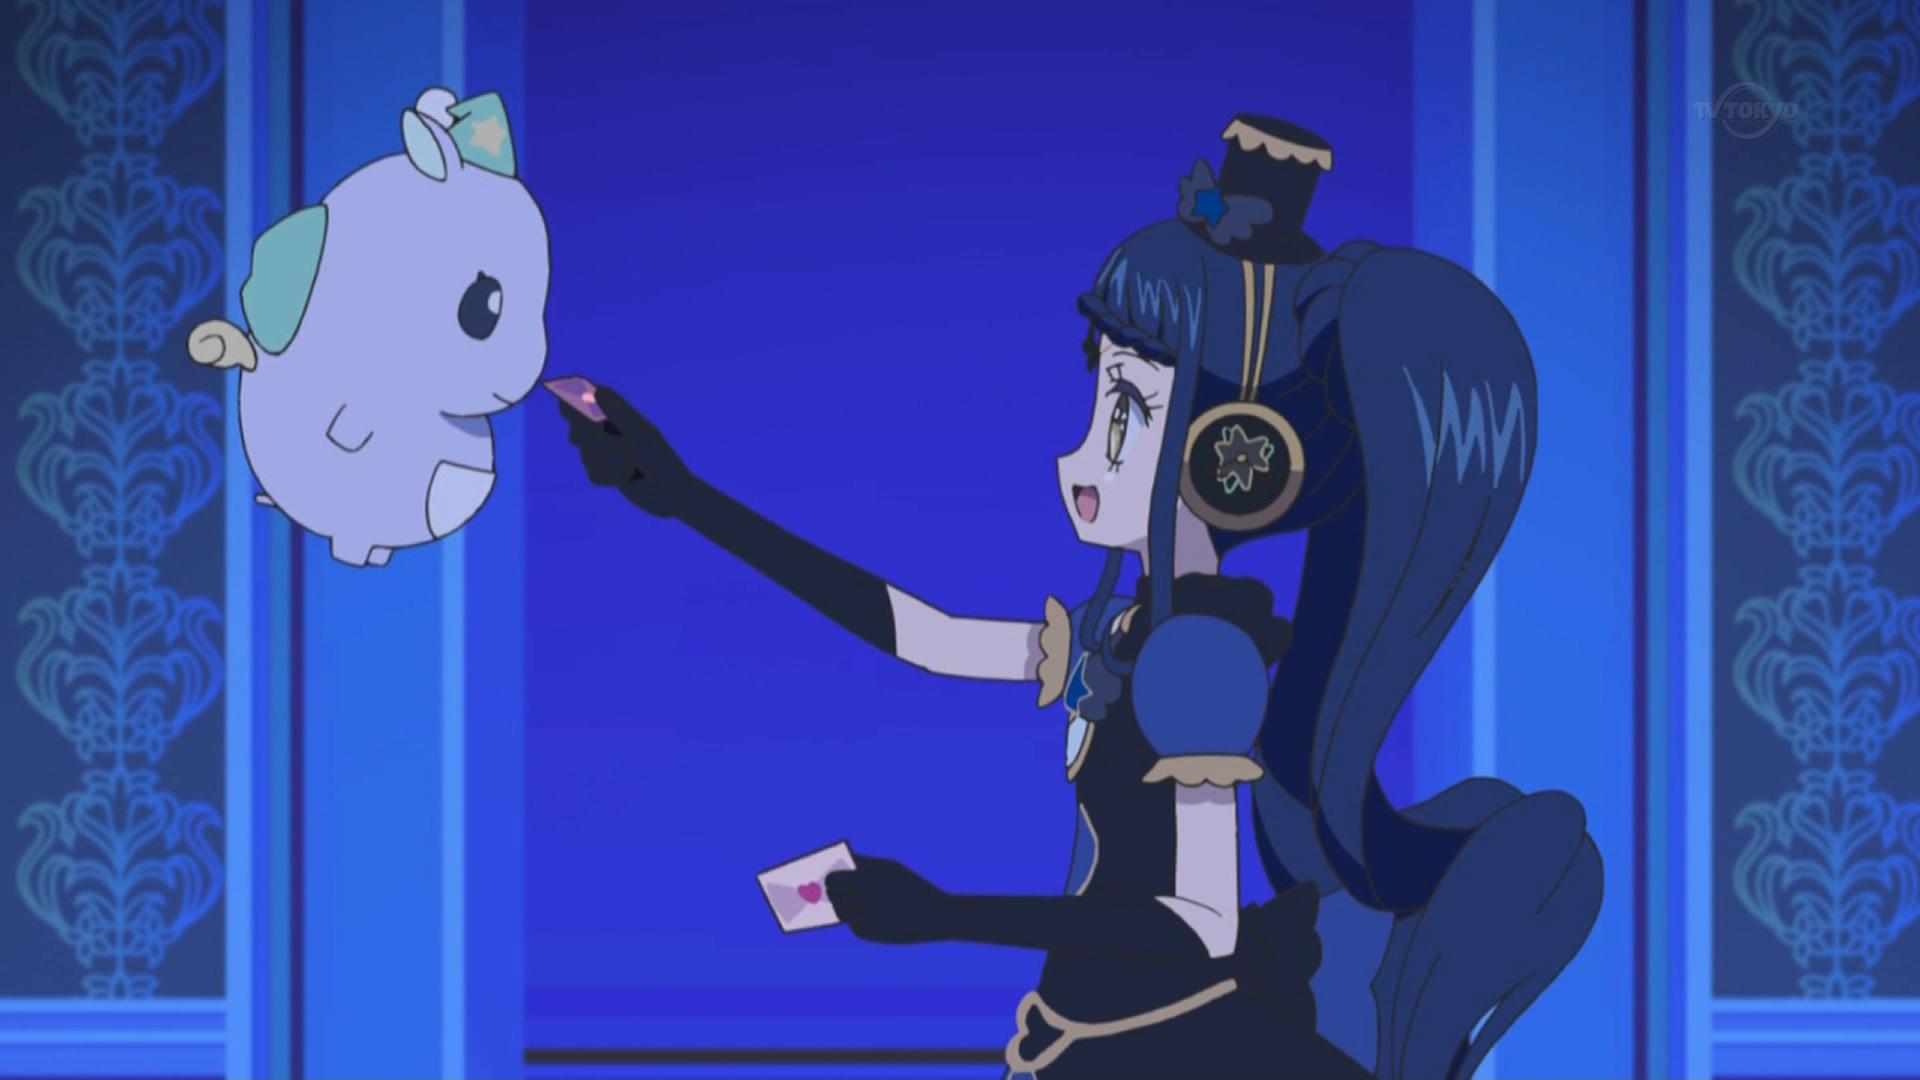 【アイドルタイムプリパラ】第31話感想 夜に閉じ込められたガァララのプリパラ生活